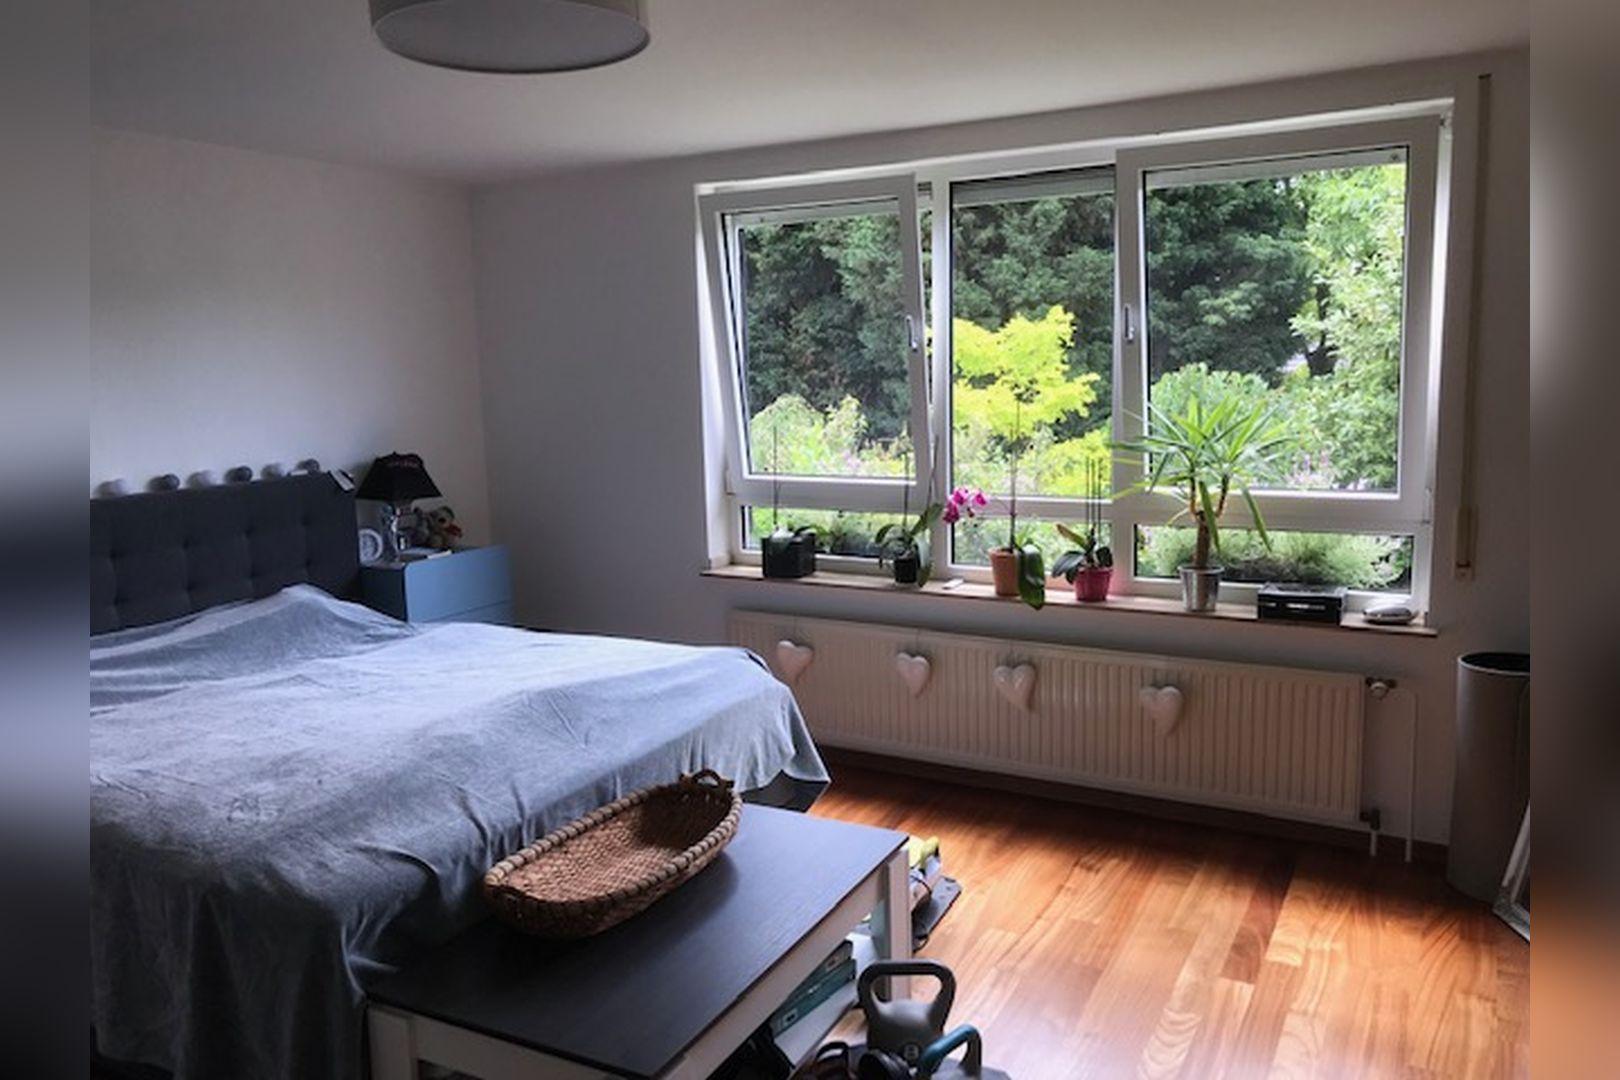 Immobilie Nr.0264 - großzügige Vier-Raum-Wohnung mit Riesenkellerraum für Hobby etc. - Bild 3.jpg